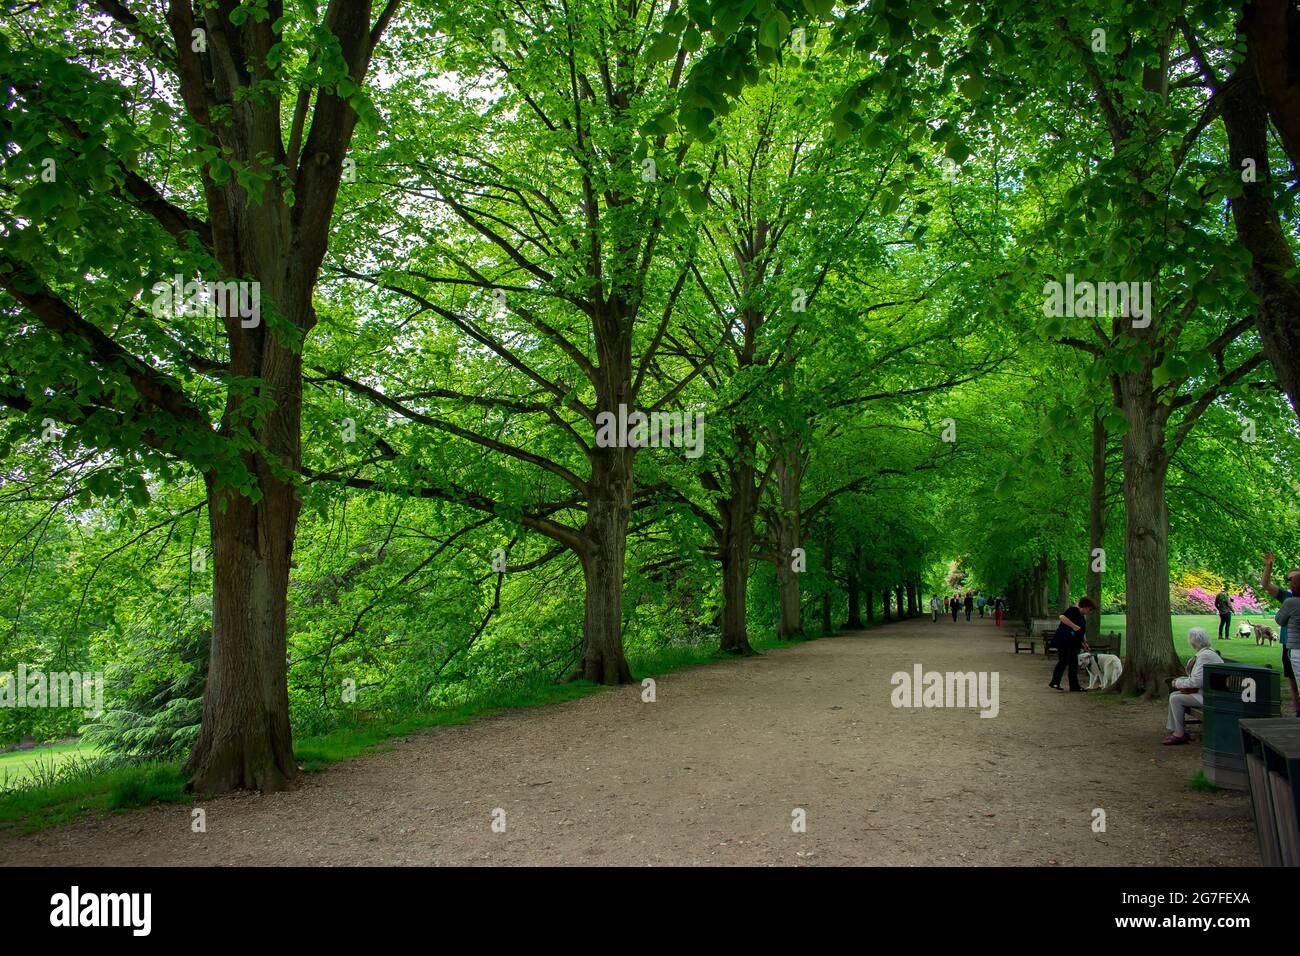 Un chemin bordé d'arbres sur le domaine de Kenwood House à Hampstead Heath, dans le nord de Londres en Angleterre. Un visiteur repose sur un banc et un homme marche un chien. Banque D'Images